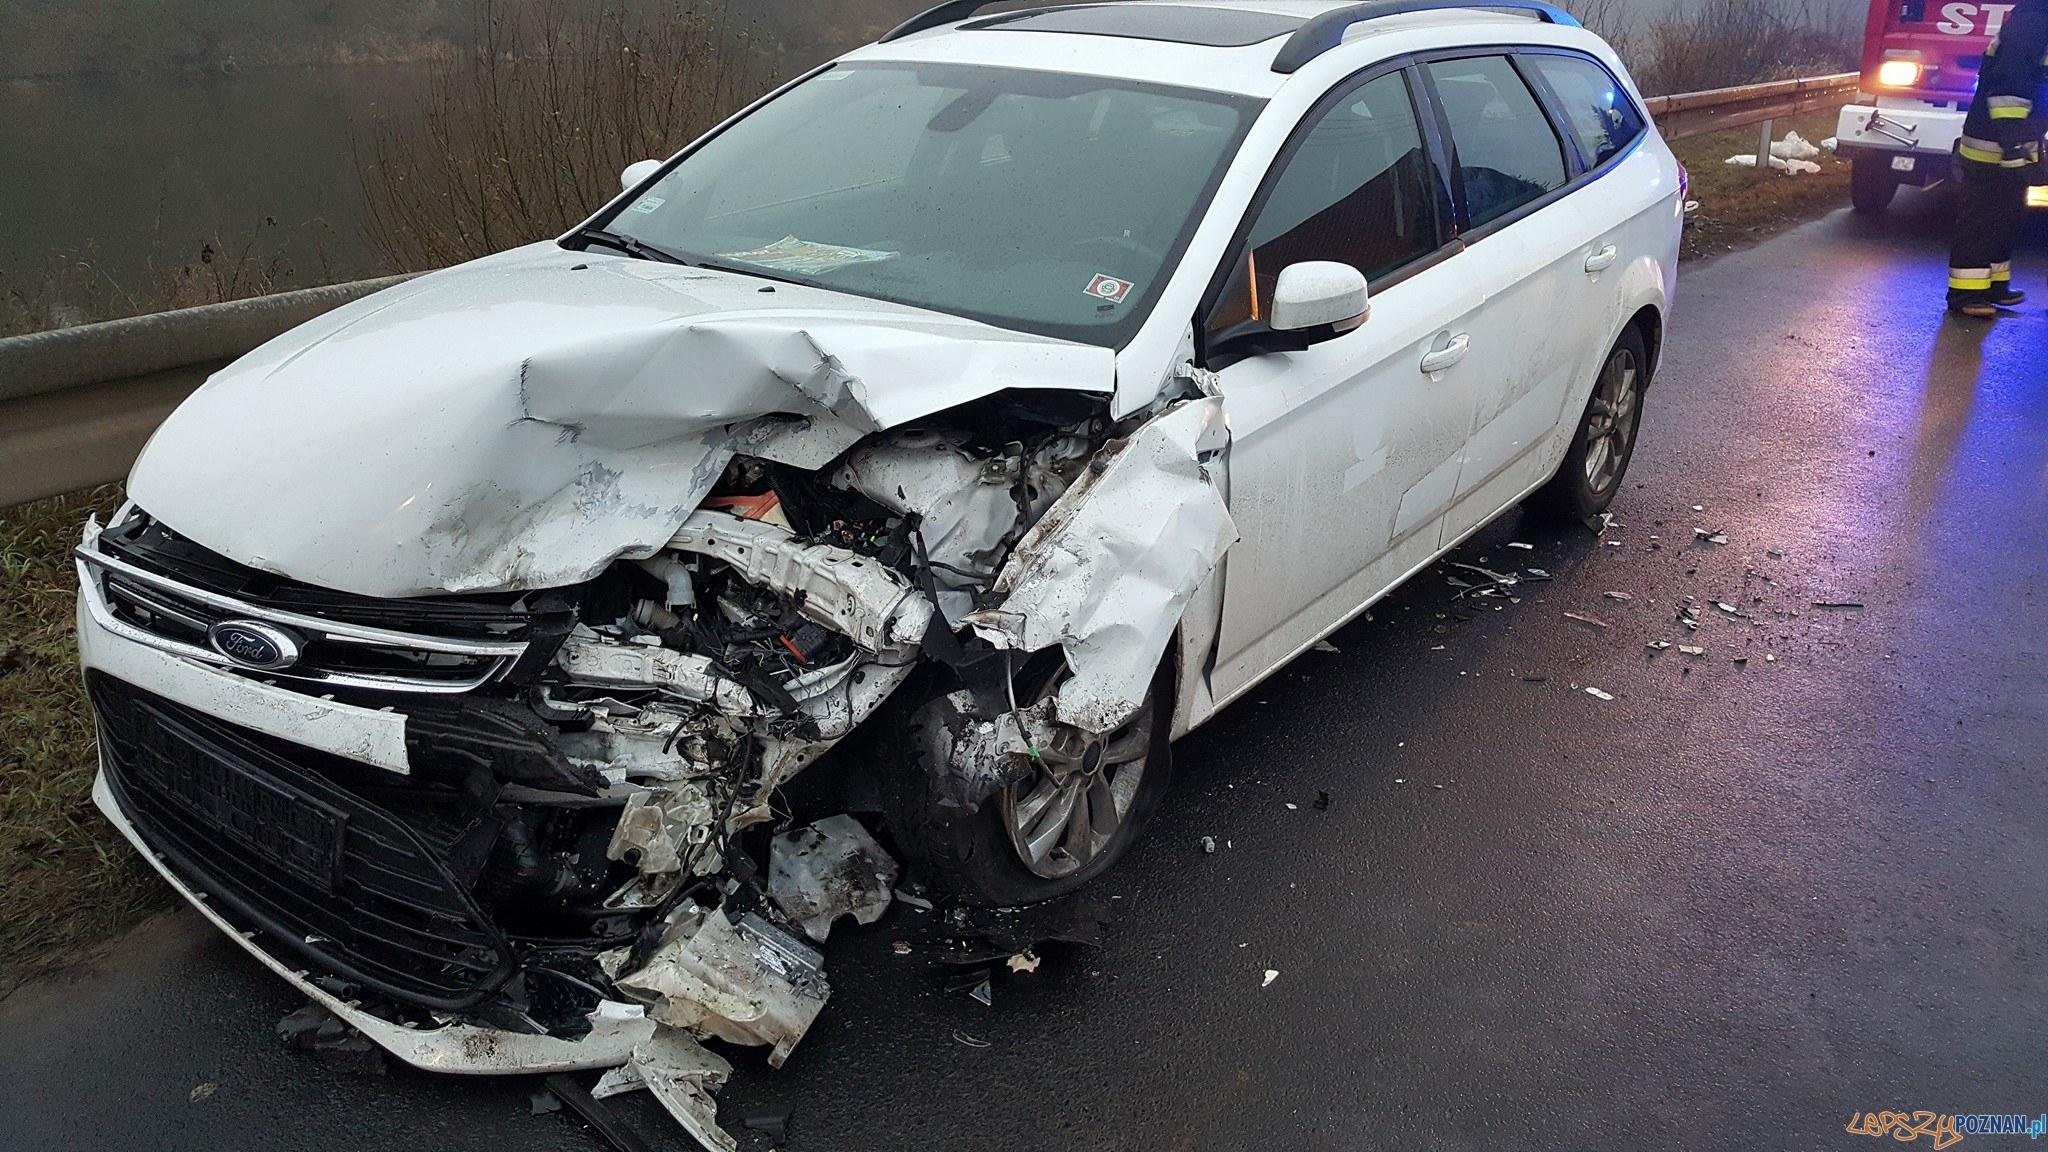 Śmiertelny wypadek, stłuczki. Ślisko na drogach!  Foto: Pomoc Drogowa EuroHol